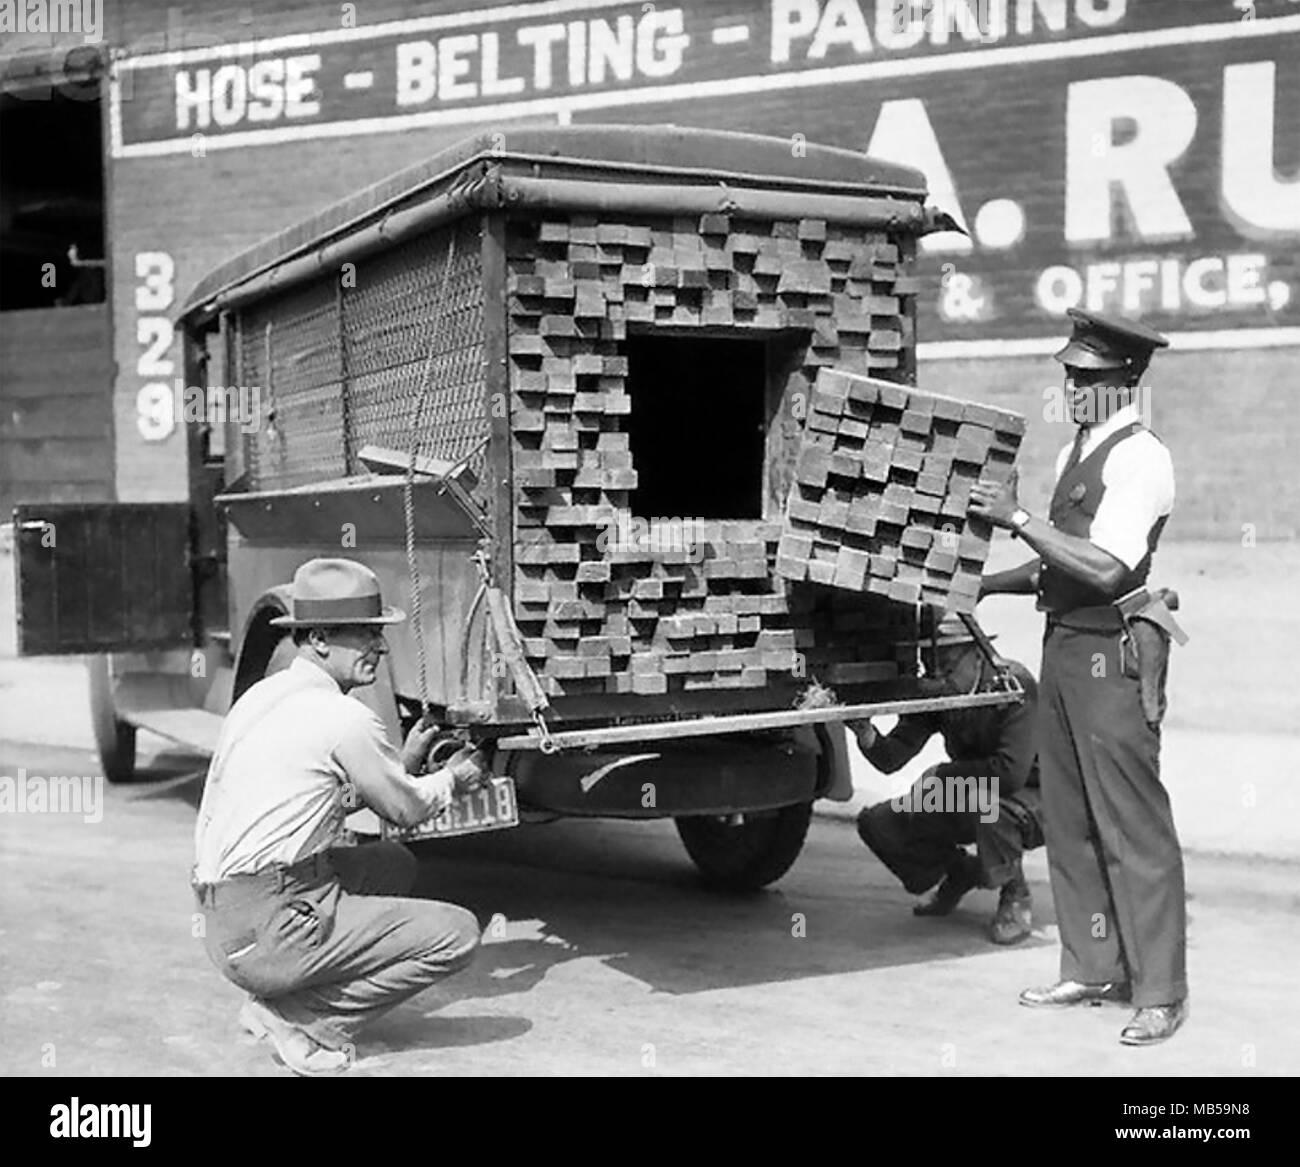 Verbot in Amerika ein bootleggern Lkw getarnt als die Hölzer wird durch Bundesmittel über 1925 beschlagnahmt Stockbild